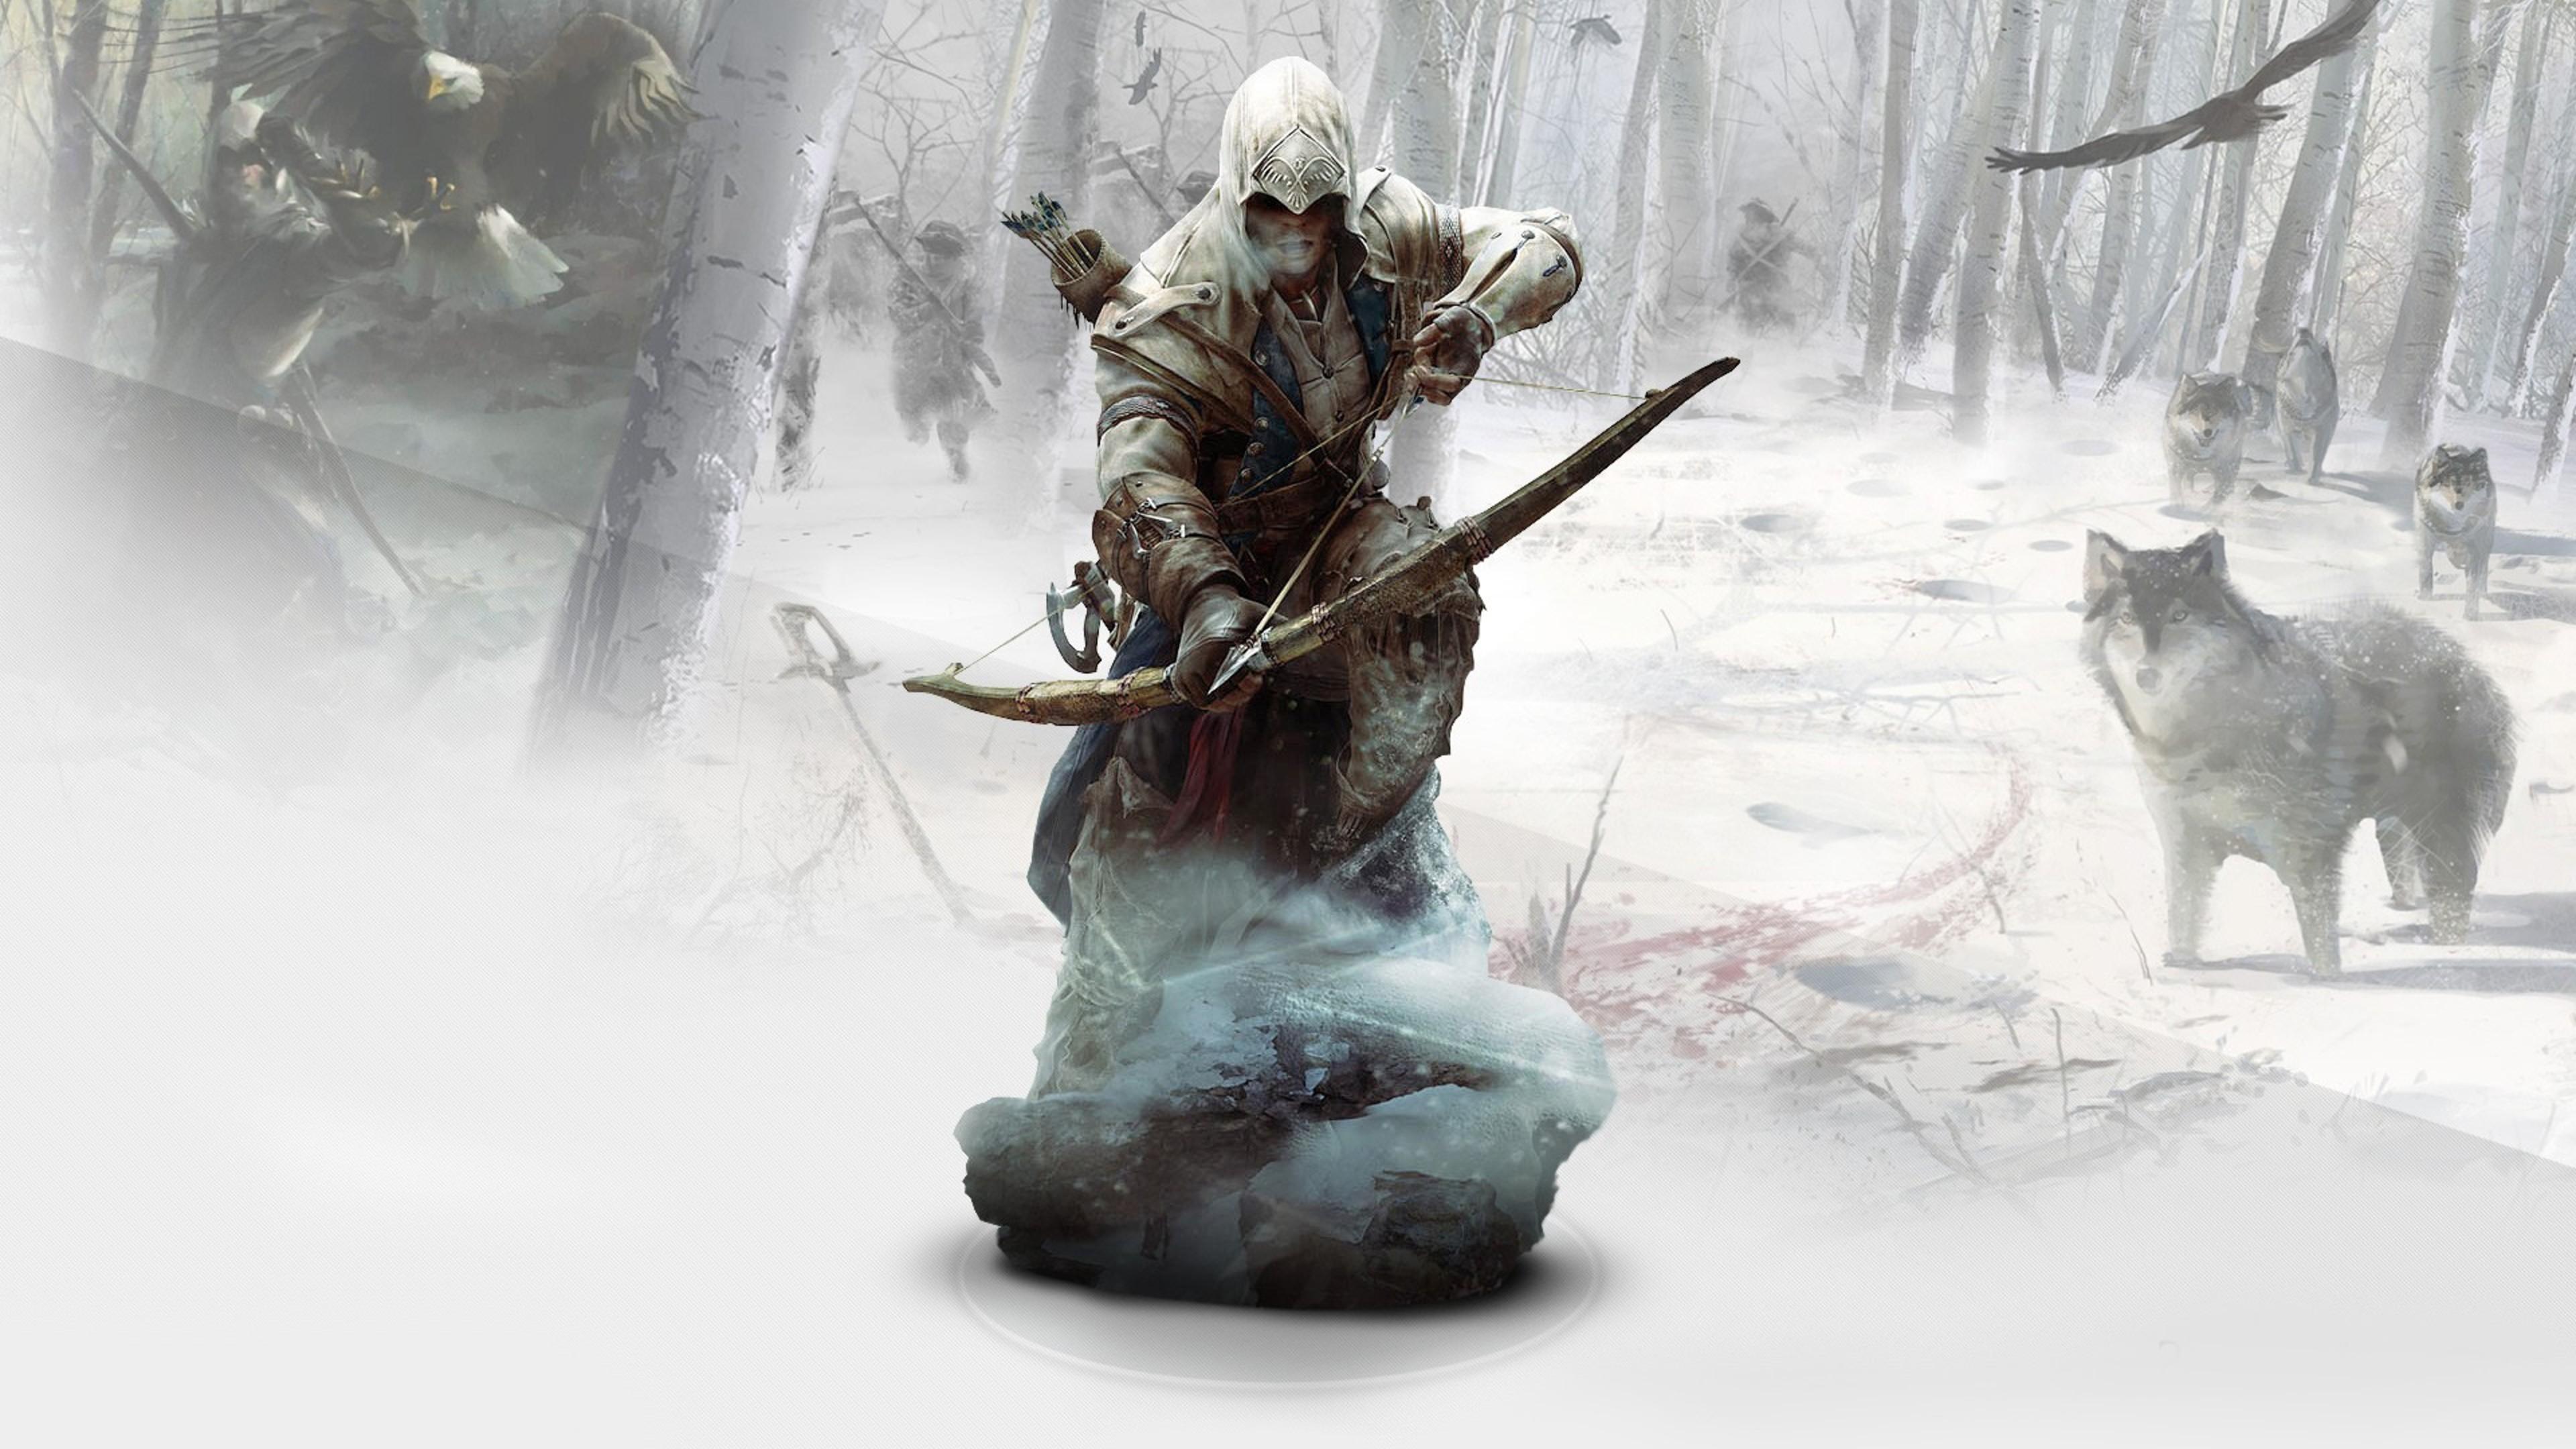 Ratonhnkaketon Assassins Creed 3 Hd Games 4k Wallpapers Images